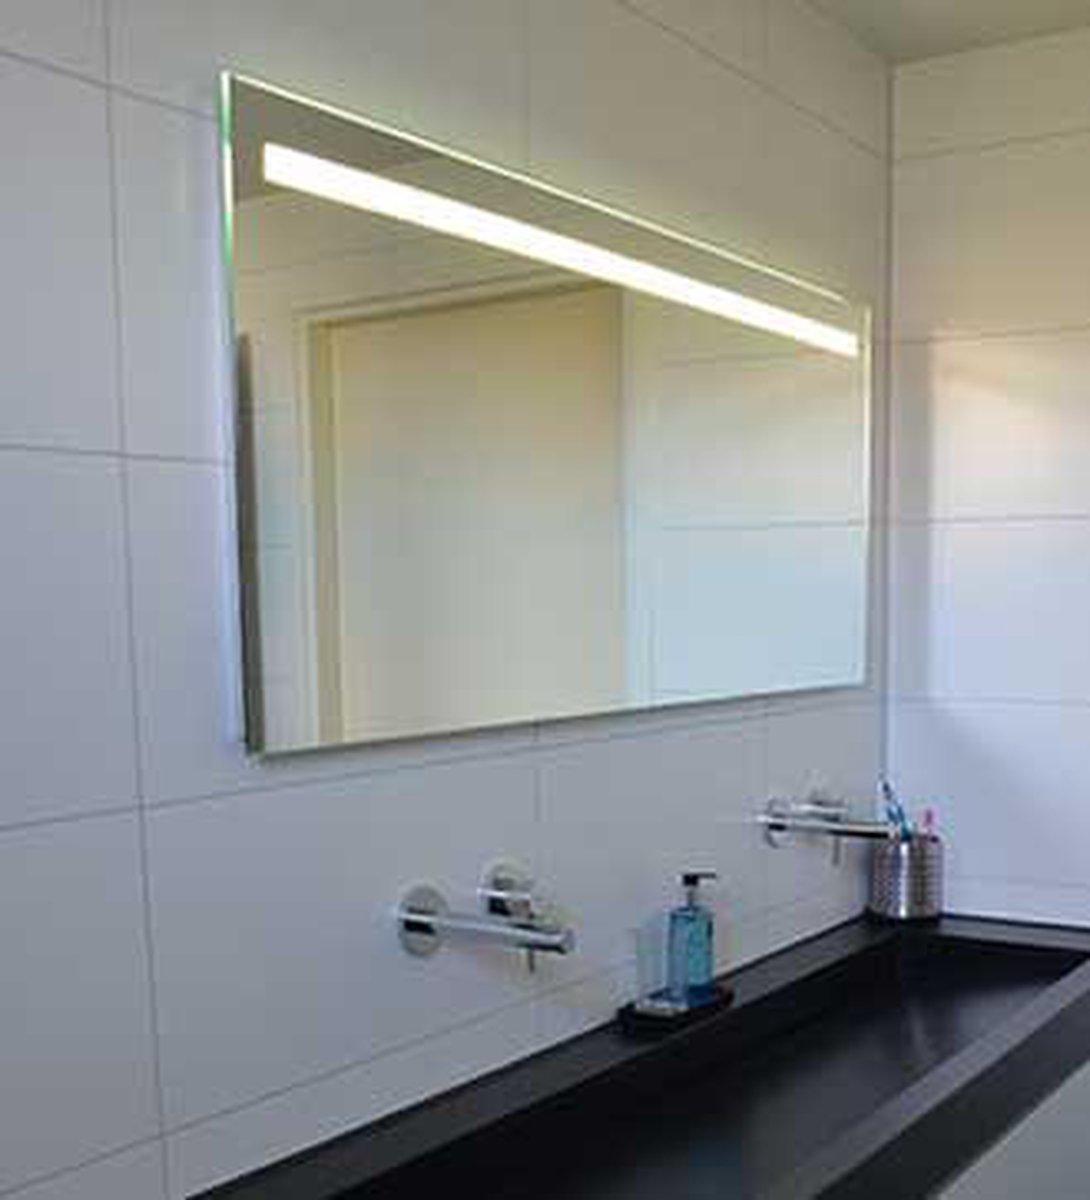 Badkamerspiegel Met Led Verlichting Verwarming Sensor En Dimfunctie 140x60 Cm Bol Com